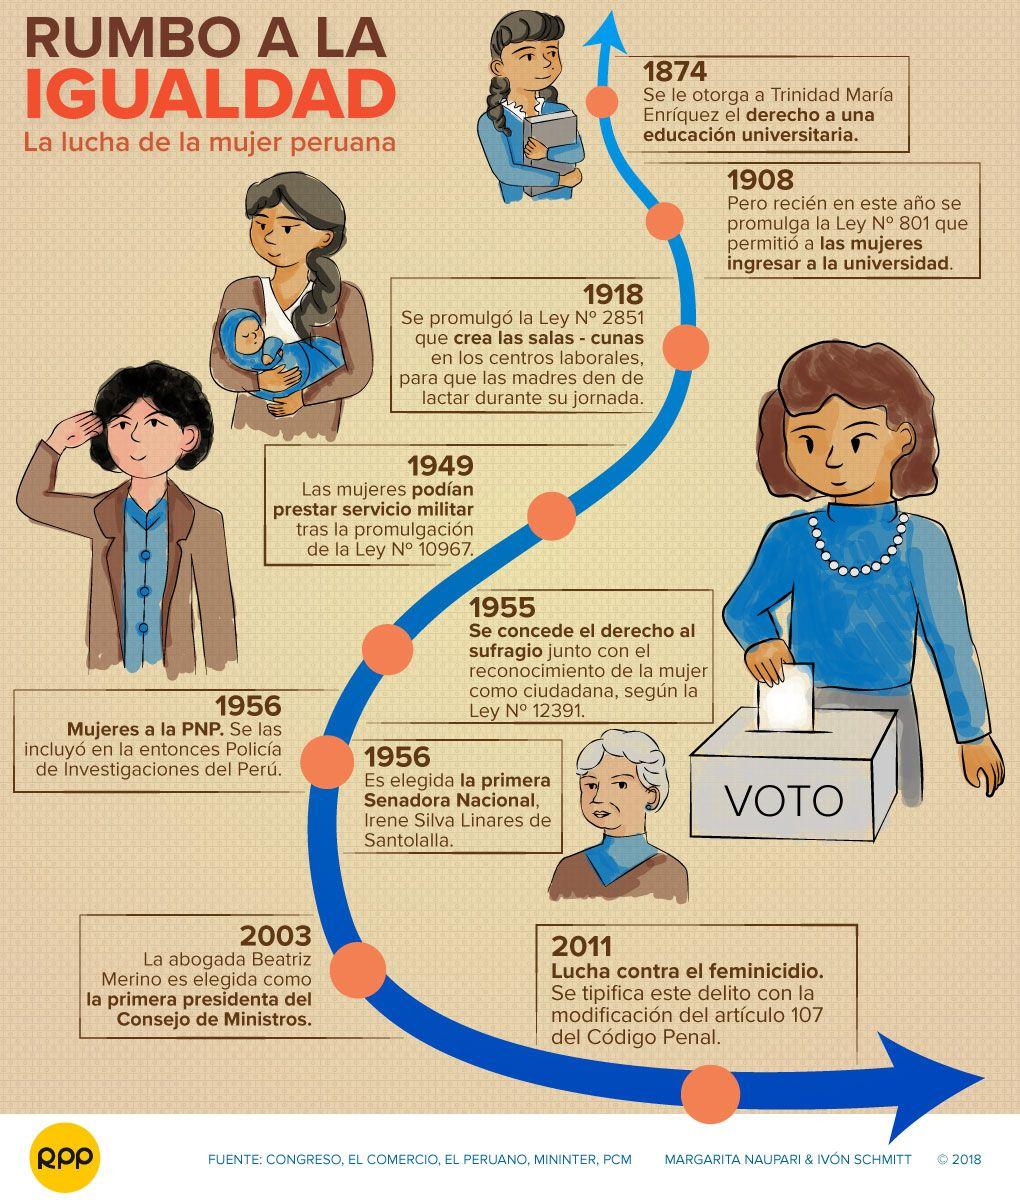 Los derechos y logros conquistados por las mujeres en el Perú.